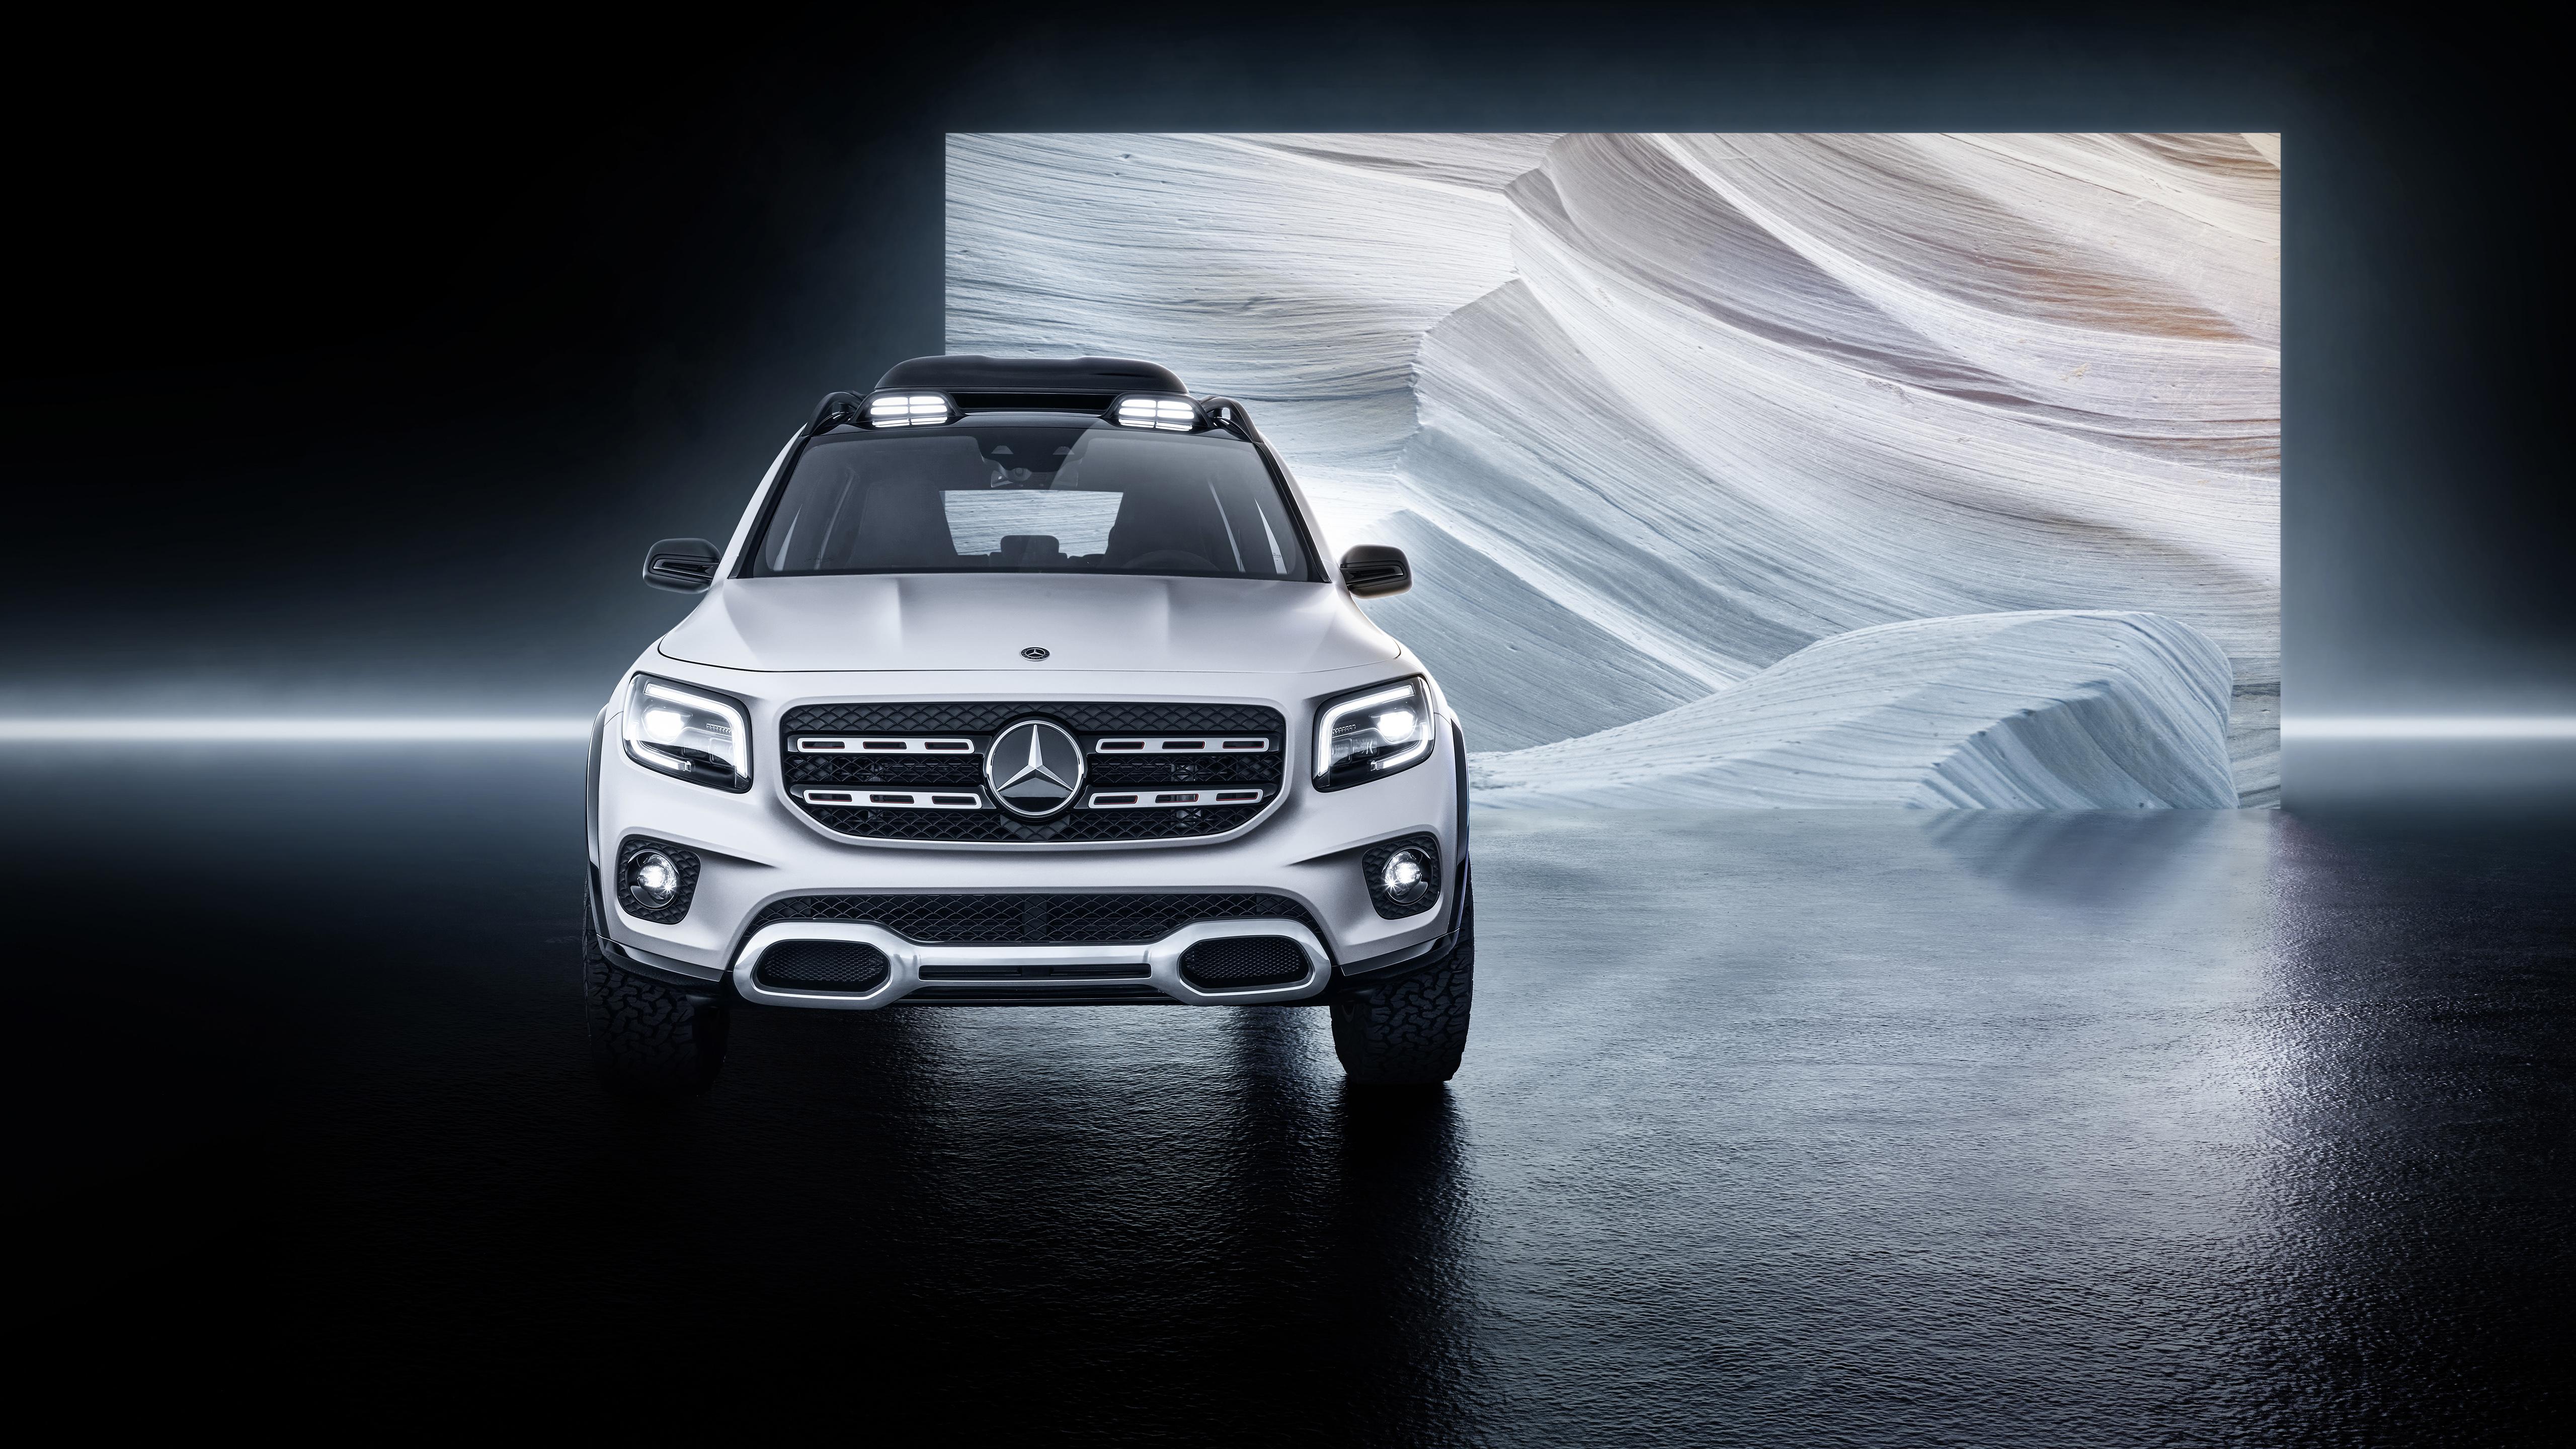 Mercedes Benz Concept GLB 2019 5K 2 Wallpaper HD Car Wallpapers 5120x2880